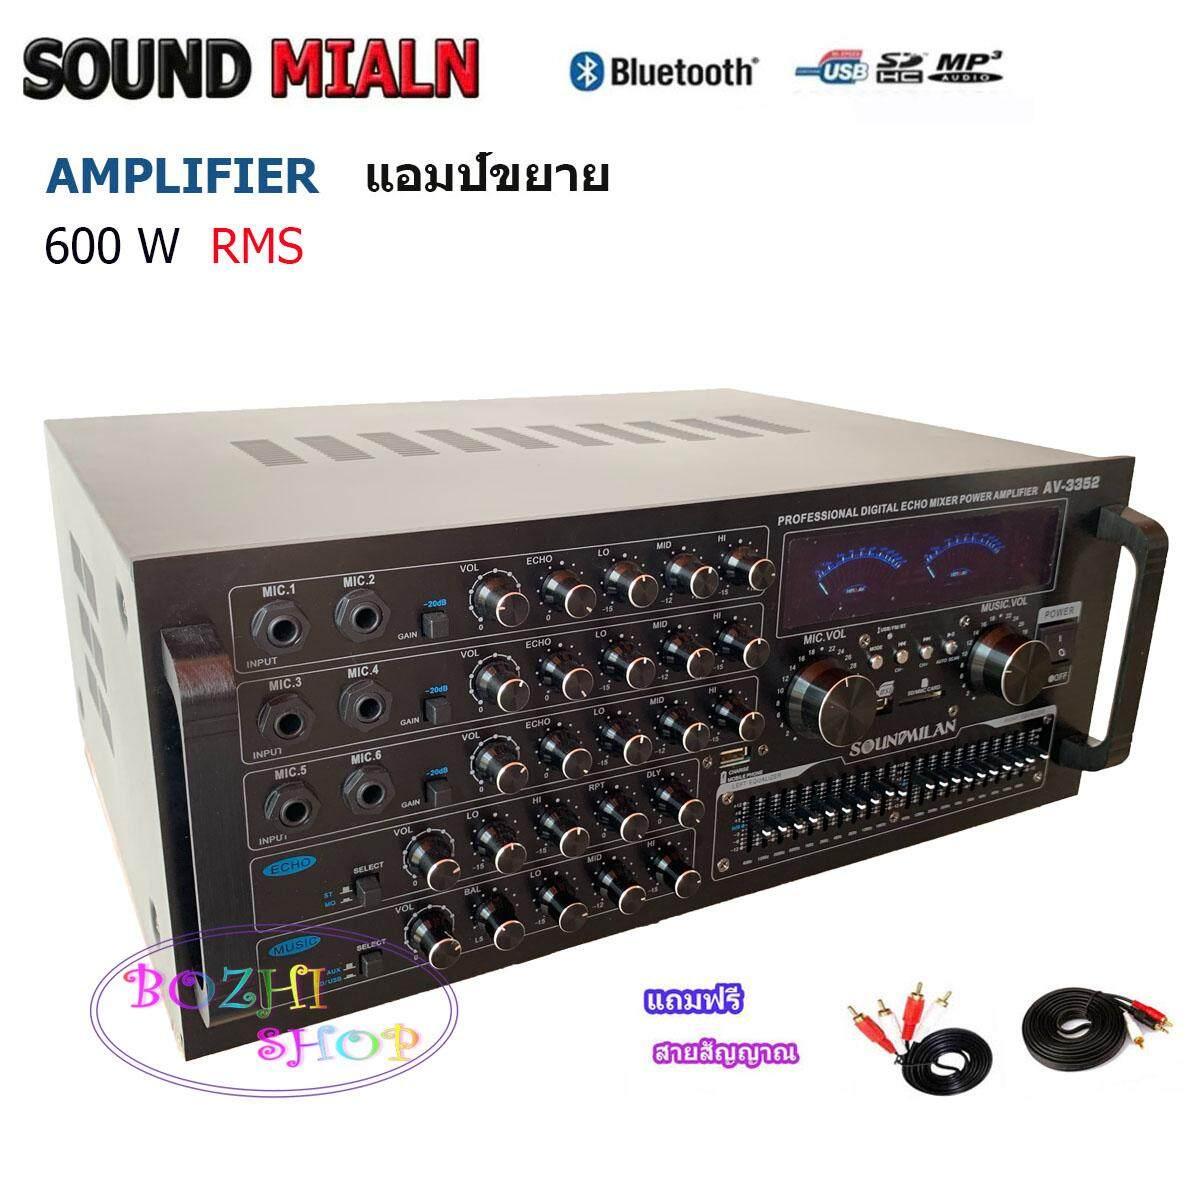 เครื่องขยายเสียงกลางแจ้ง เพาเวอร์มิกเซอร์ (แอมป์หน้ามิกซ์) Power Amplifier 600w (rms) มีบลูทูธ Usb Sd Card Fm รุ่น Av-3352+แถมฟรีสายสัญญาญเสียง 2 เส้น.